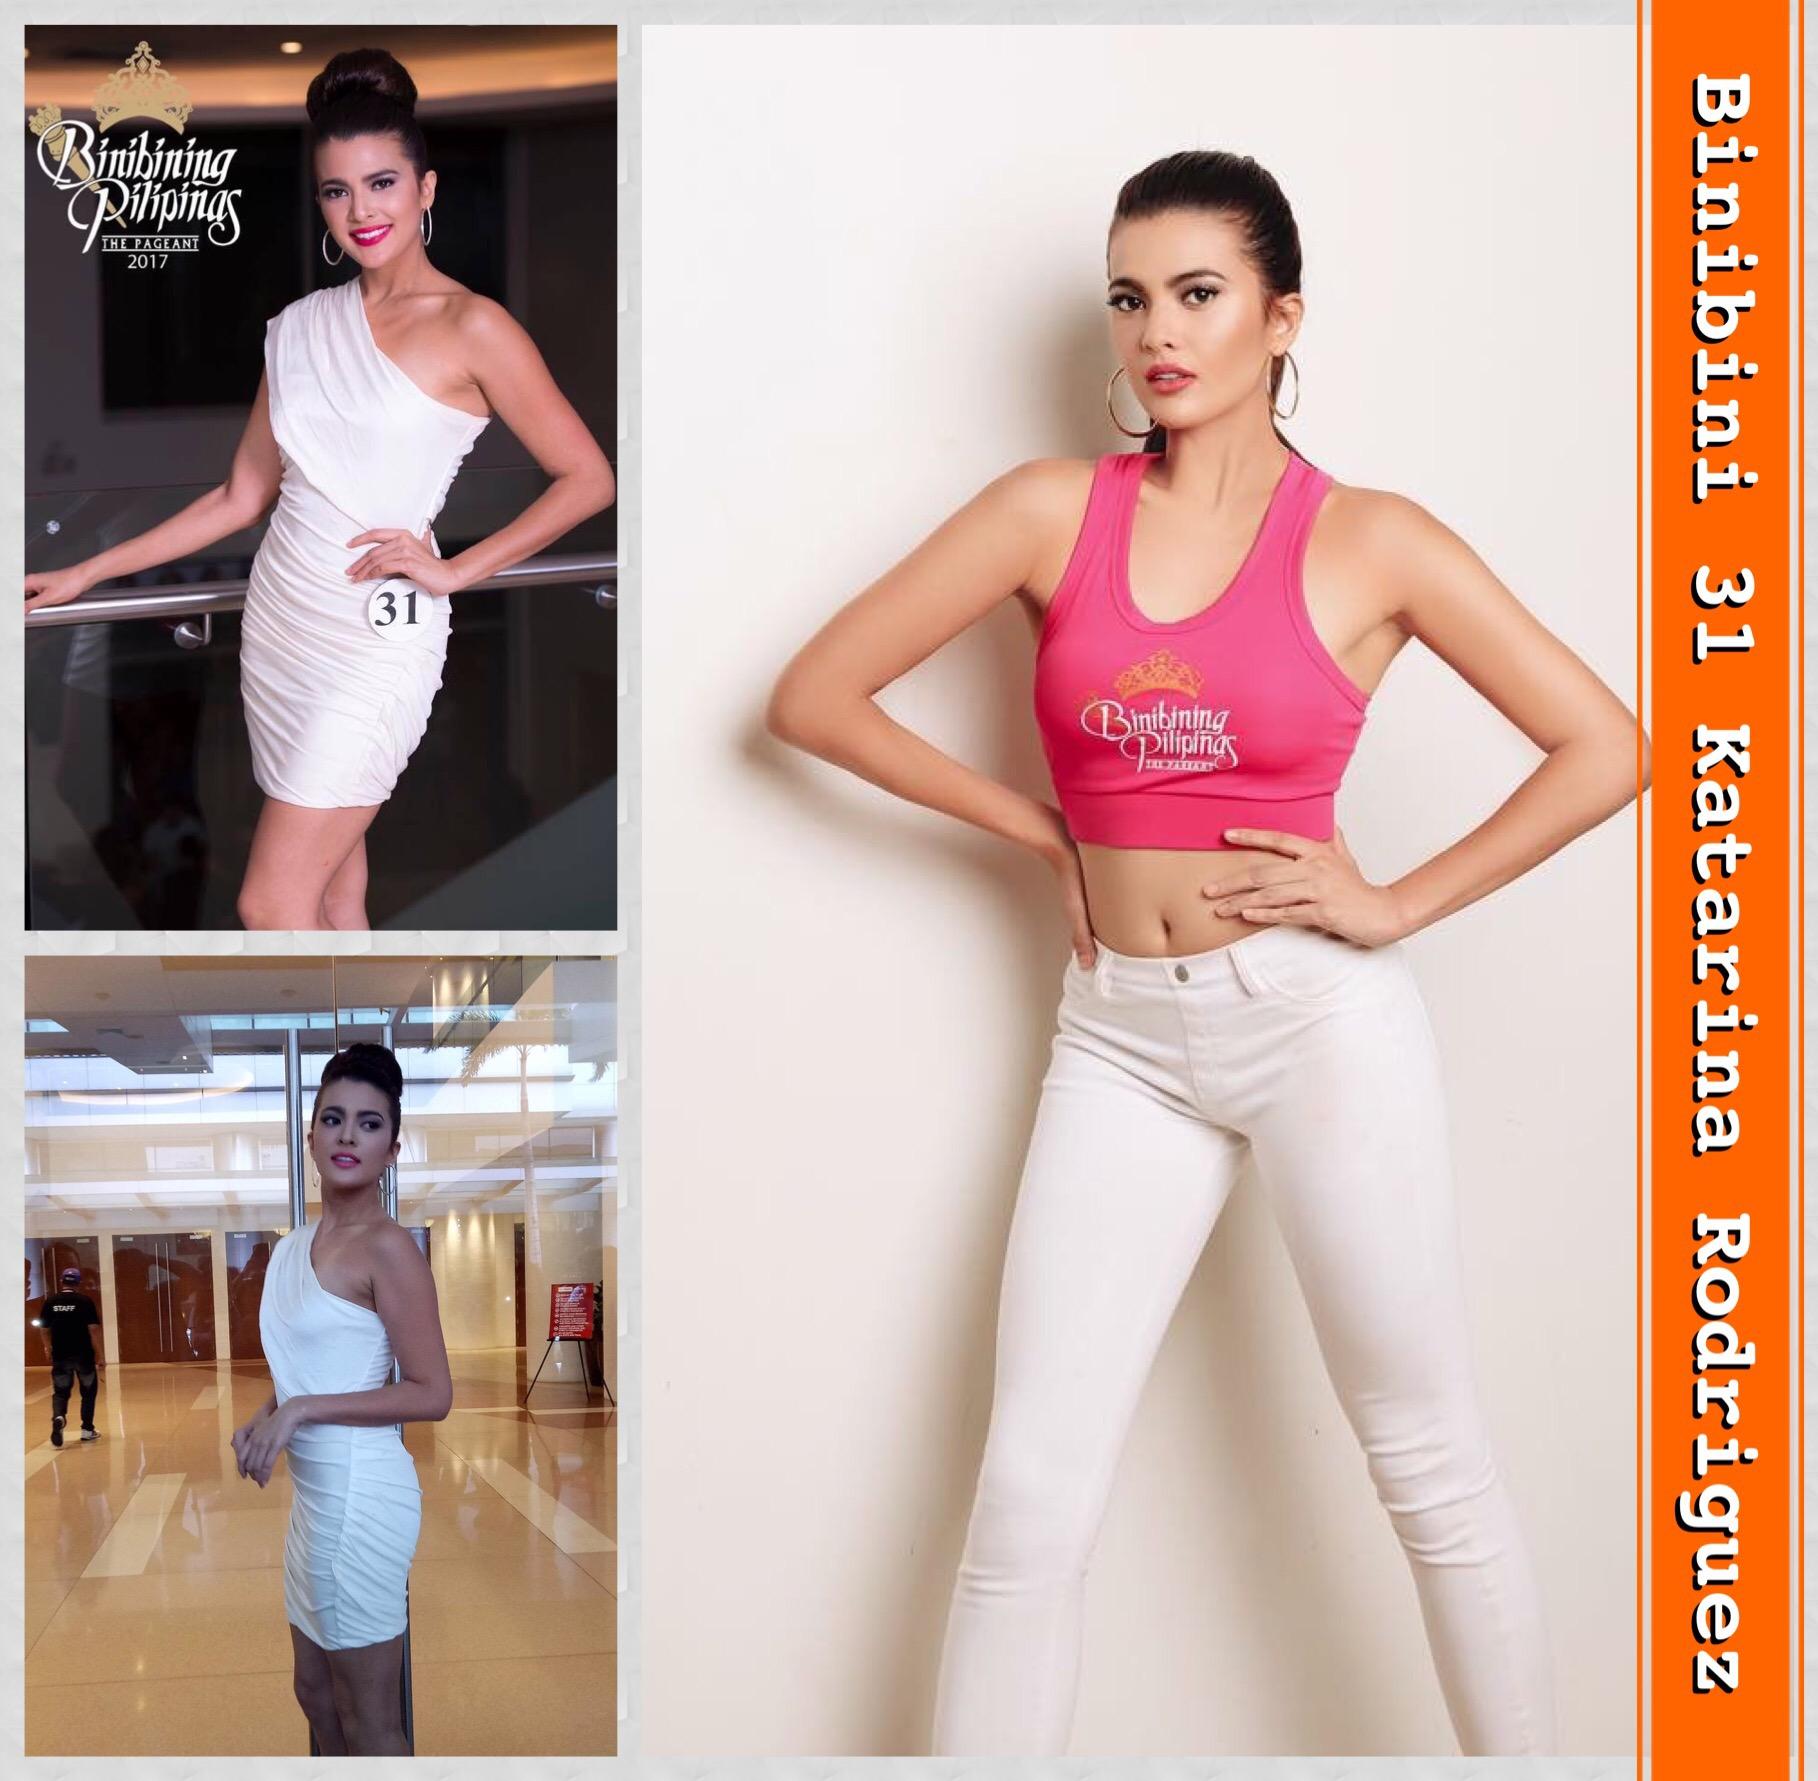 Am Katarina Model asi's next top model | normannorman